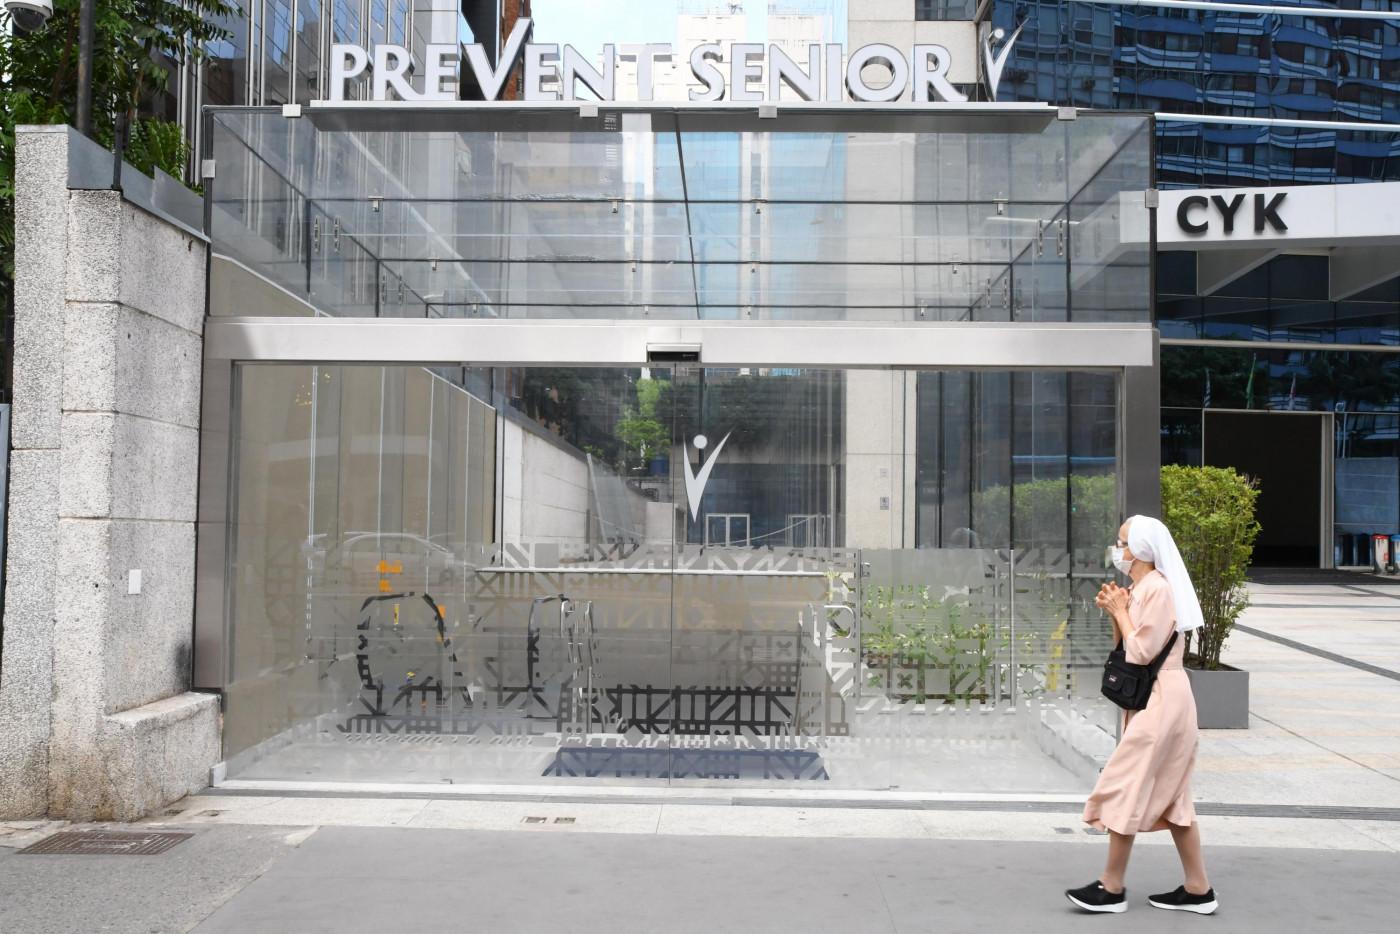 Fachada de hospital da Prevent Senior, localizado na região da Avenida Paulista